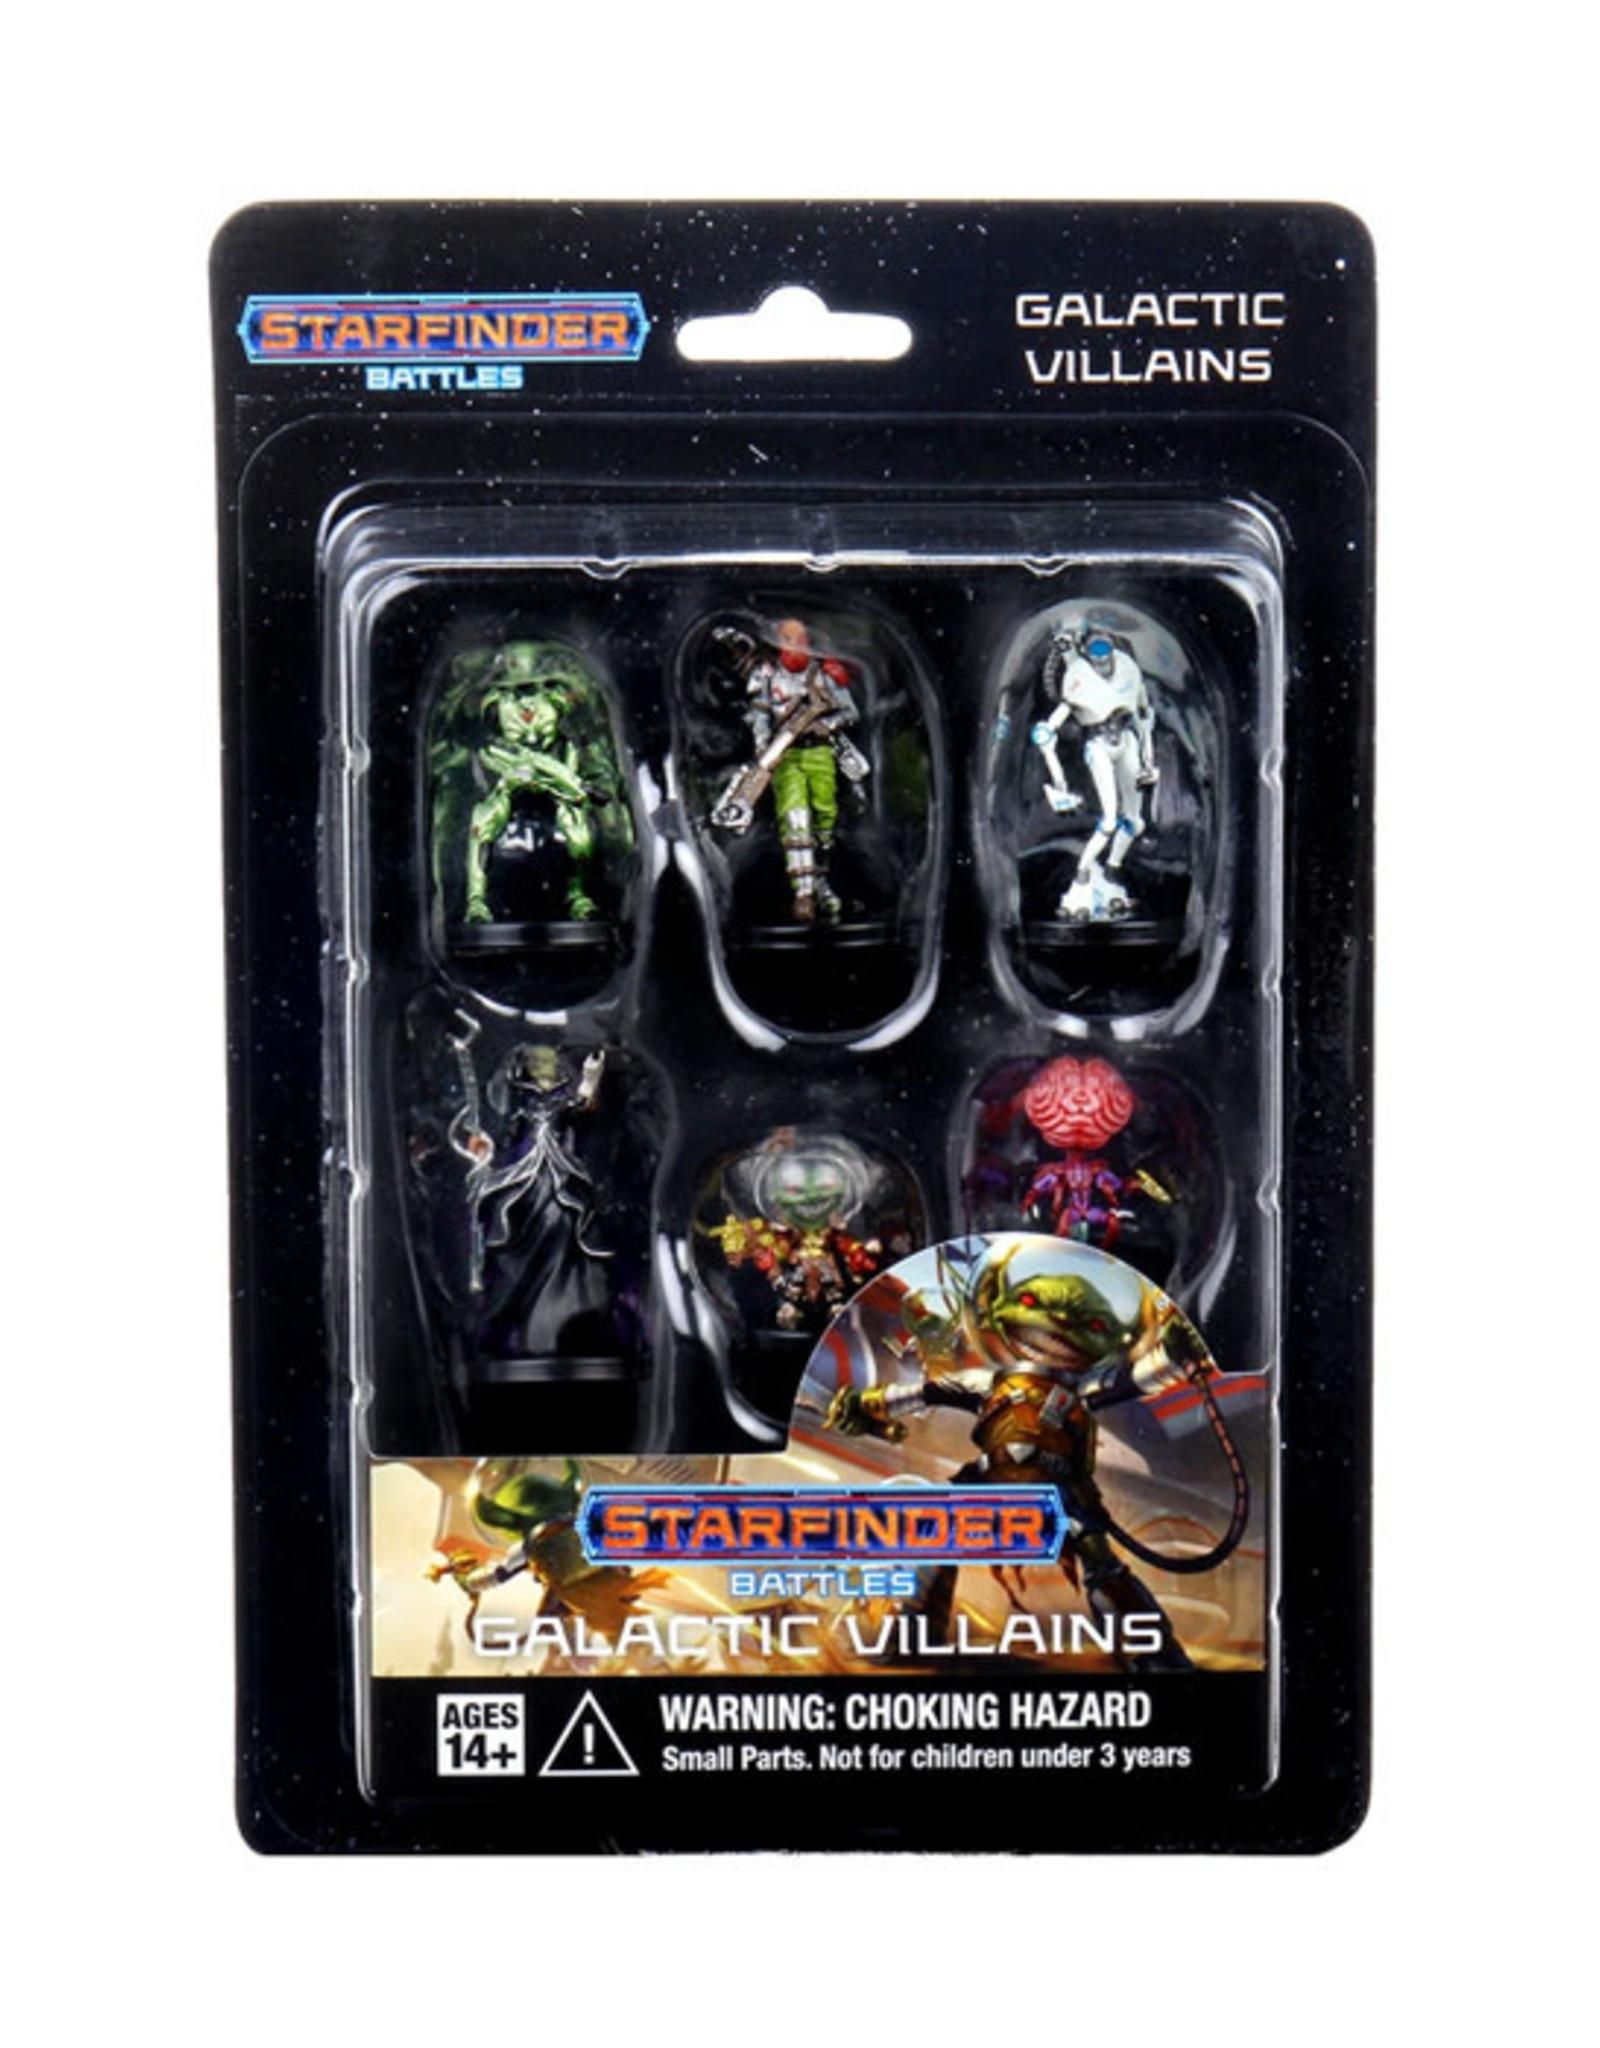 Starfinder Starfinder Battles: Starter Pack - Galactic Villains